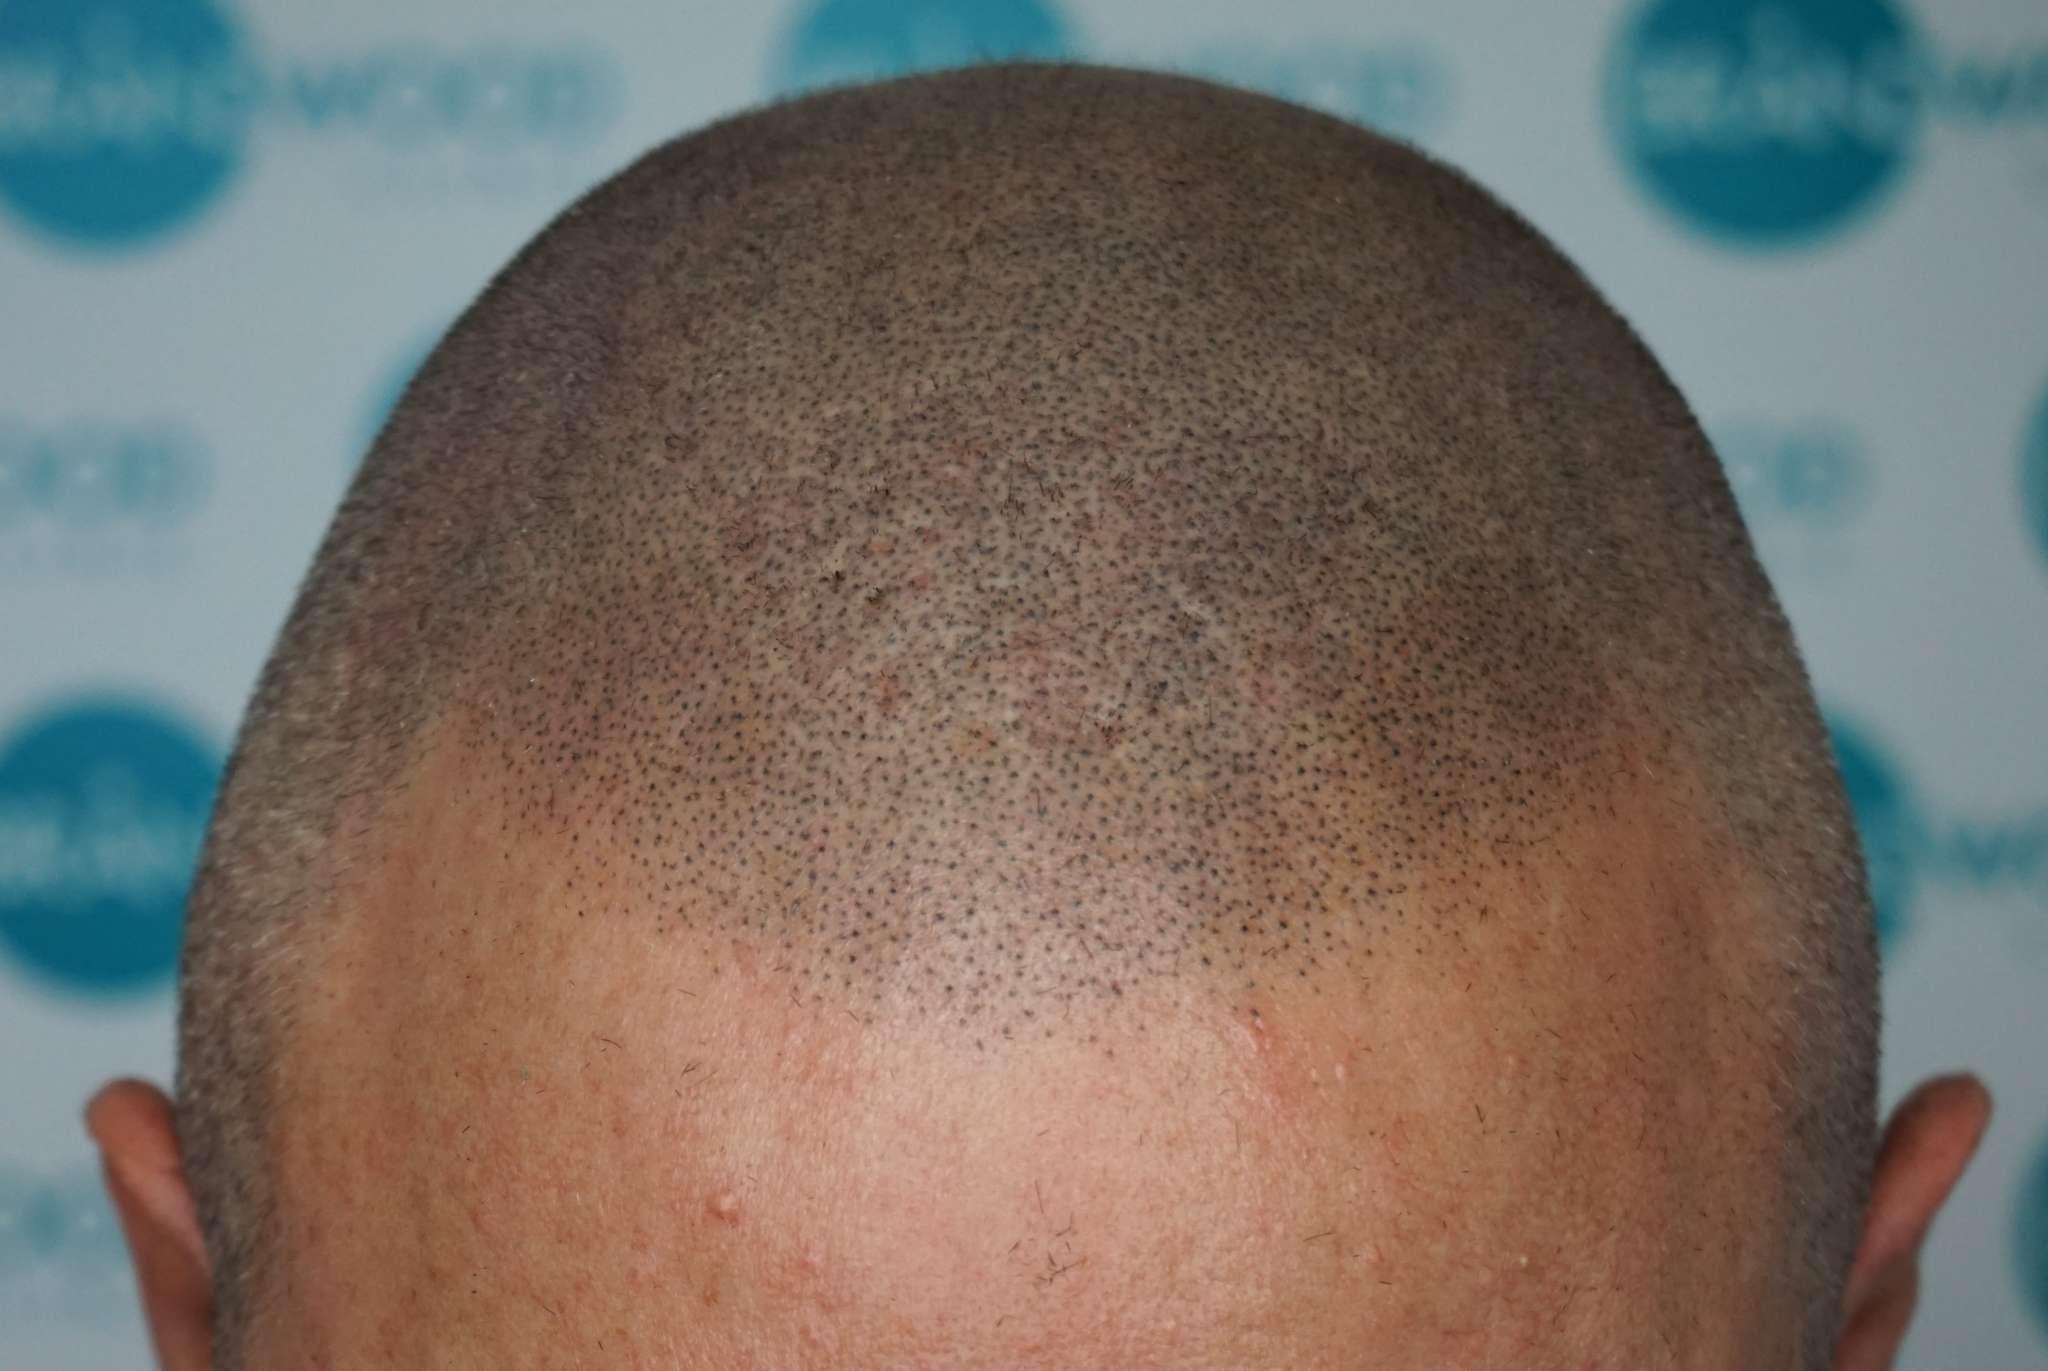 Scar coverage using Alivio Pigment on White Male